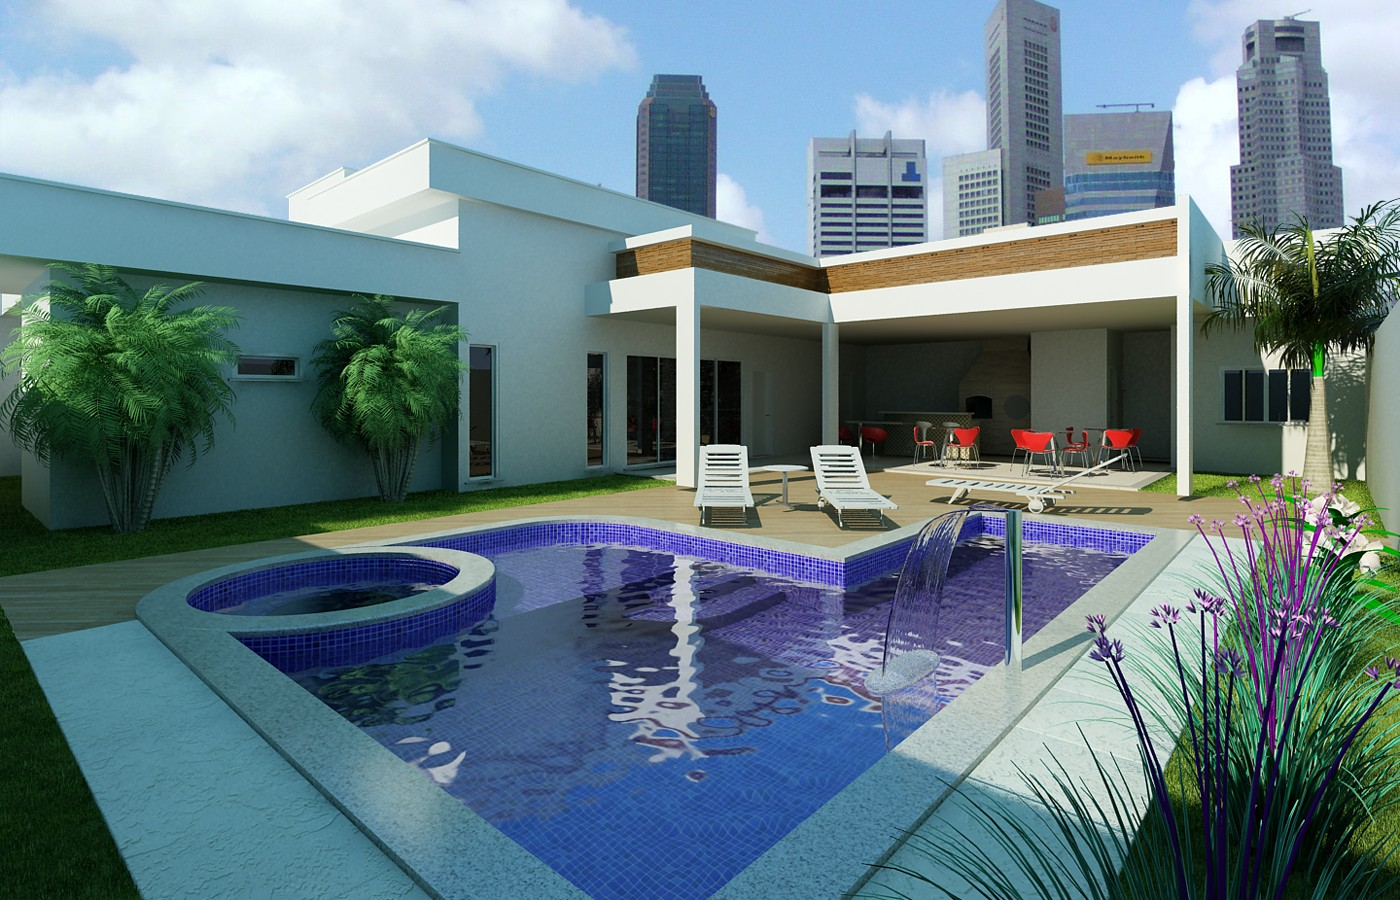 Casa Clean: Jardins Externos!!! Fachadas com plantas gramas e pedras #2B6BA0 1400 900